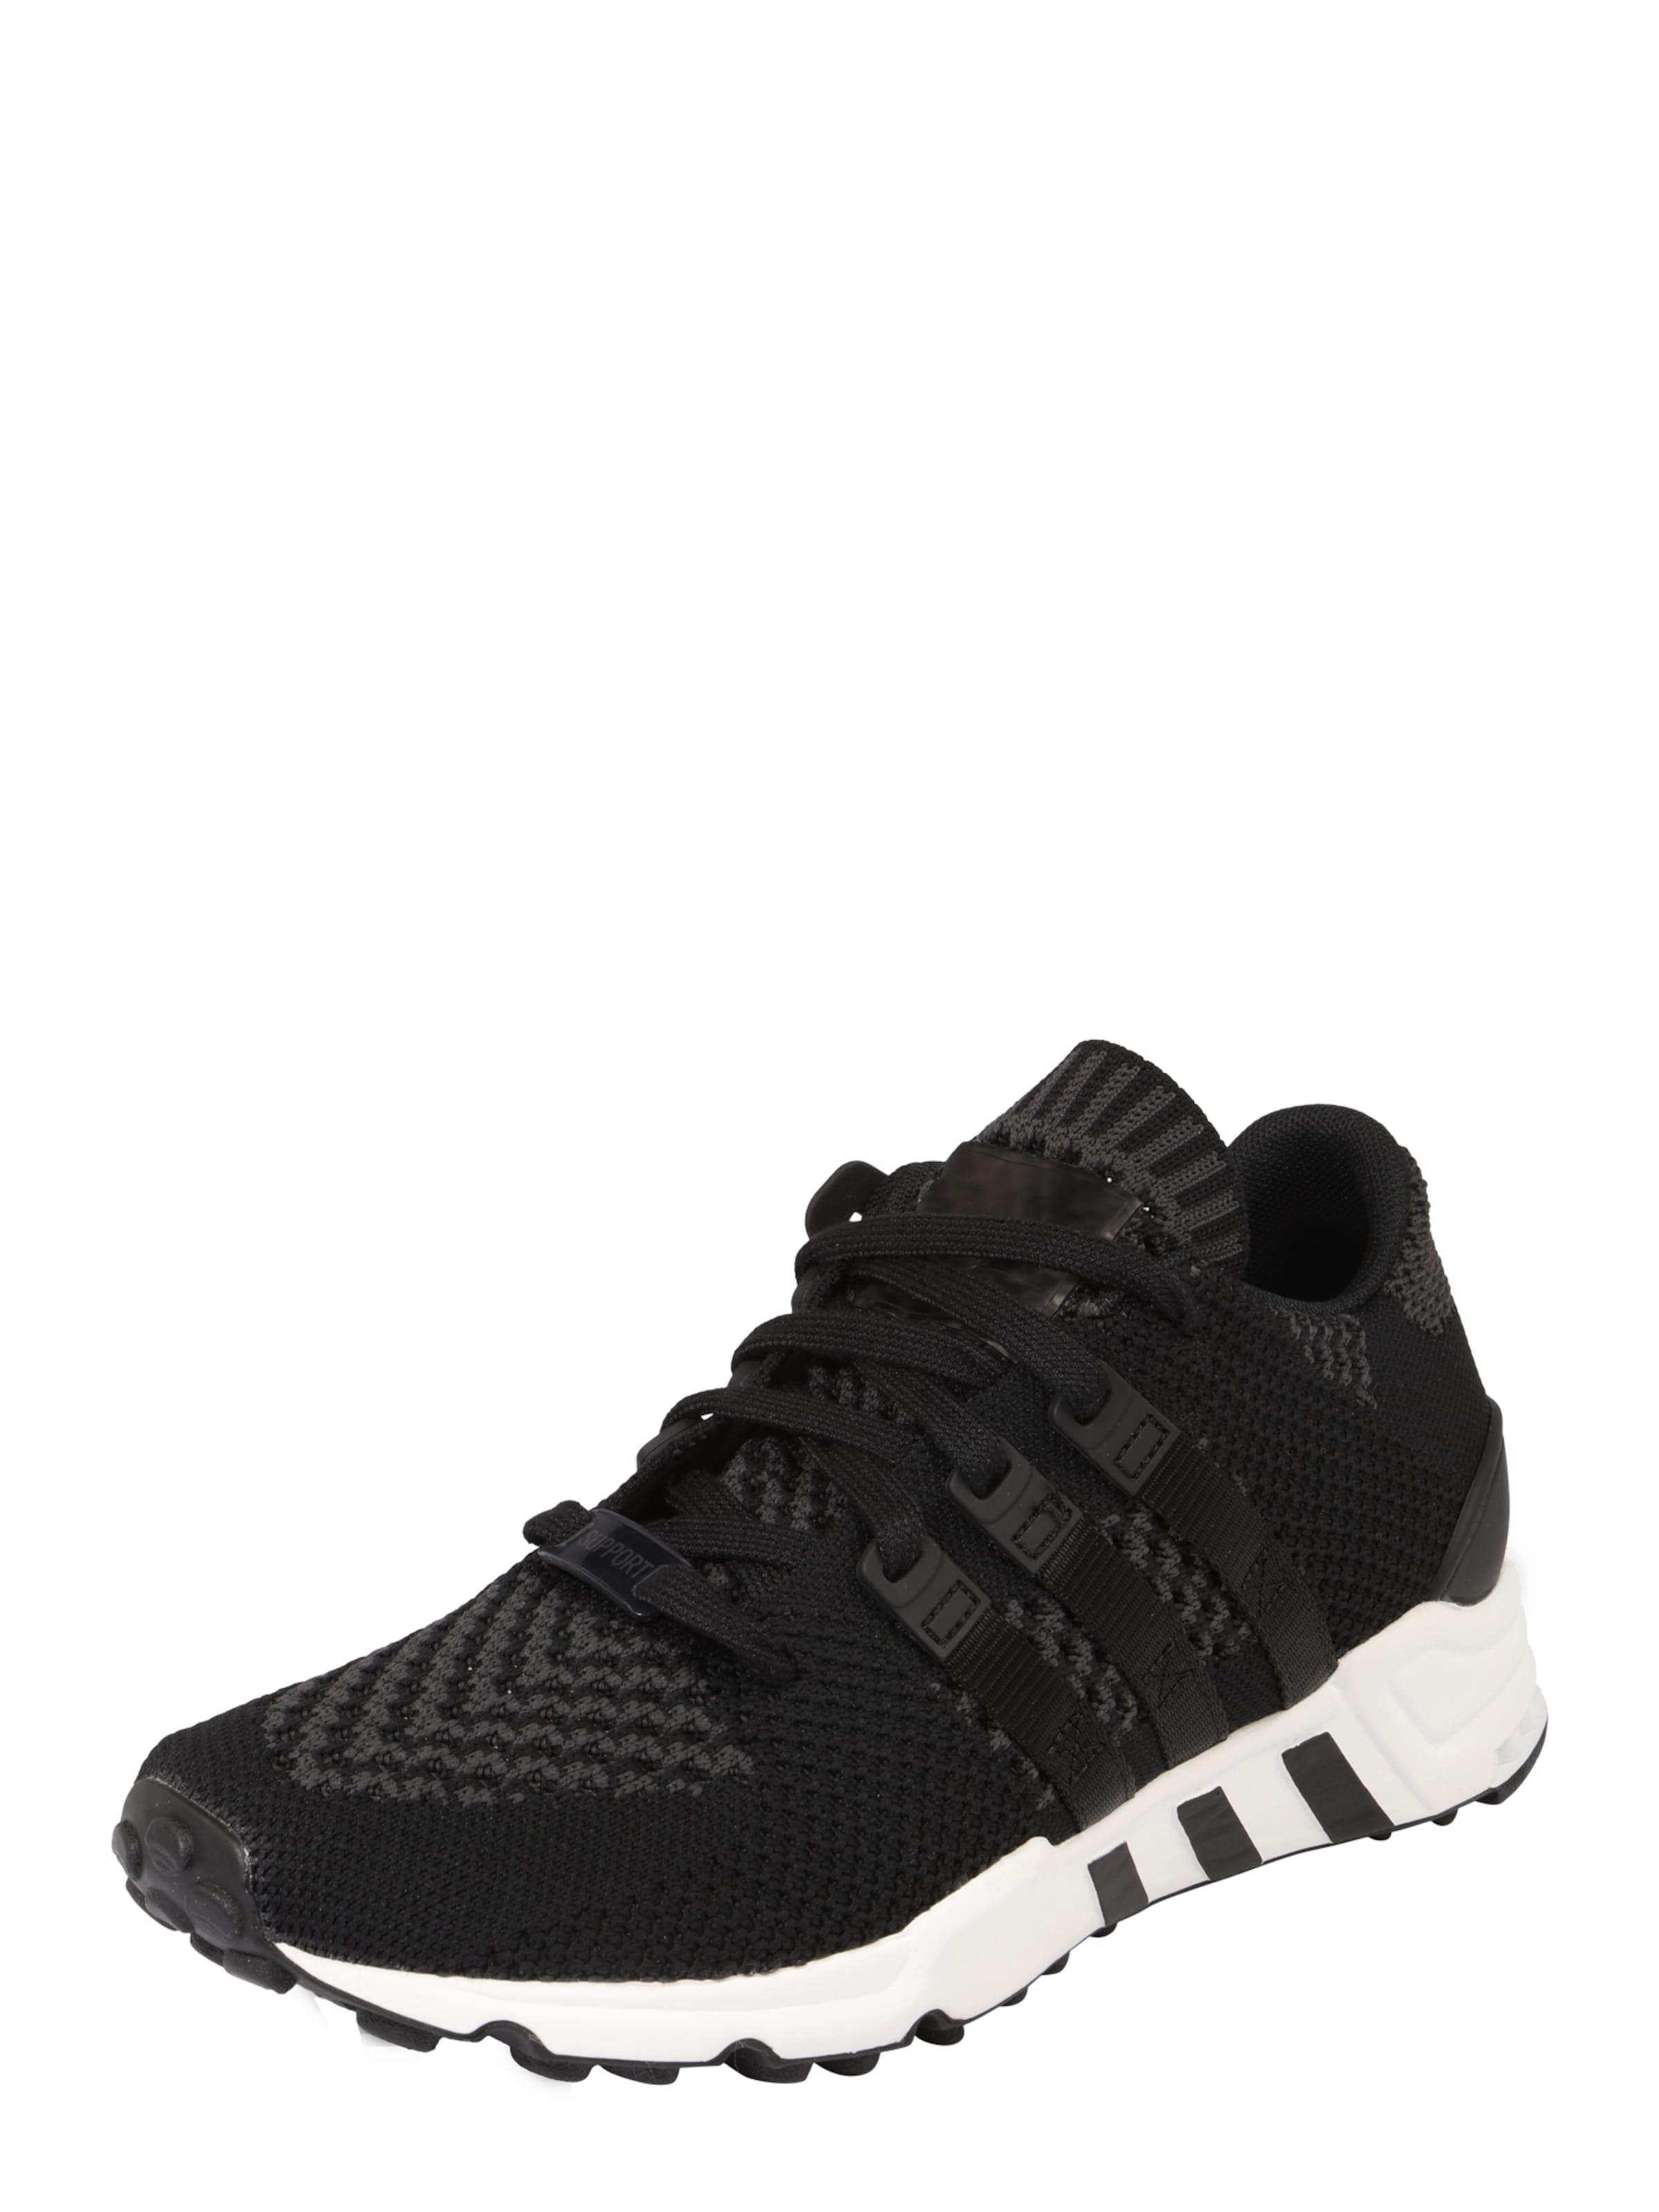 ADIDAS ORIGINALS Sneaker  EQT SUPPORT RF P